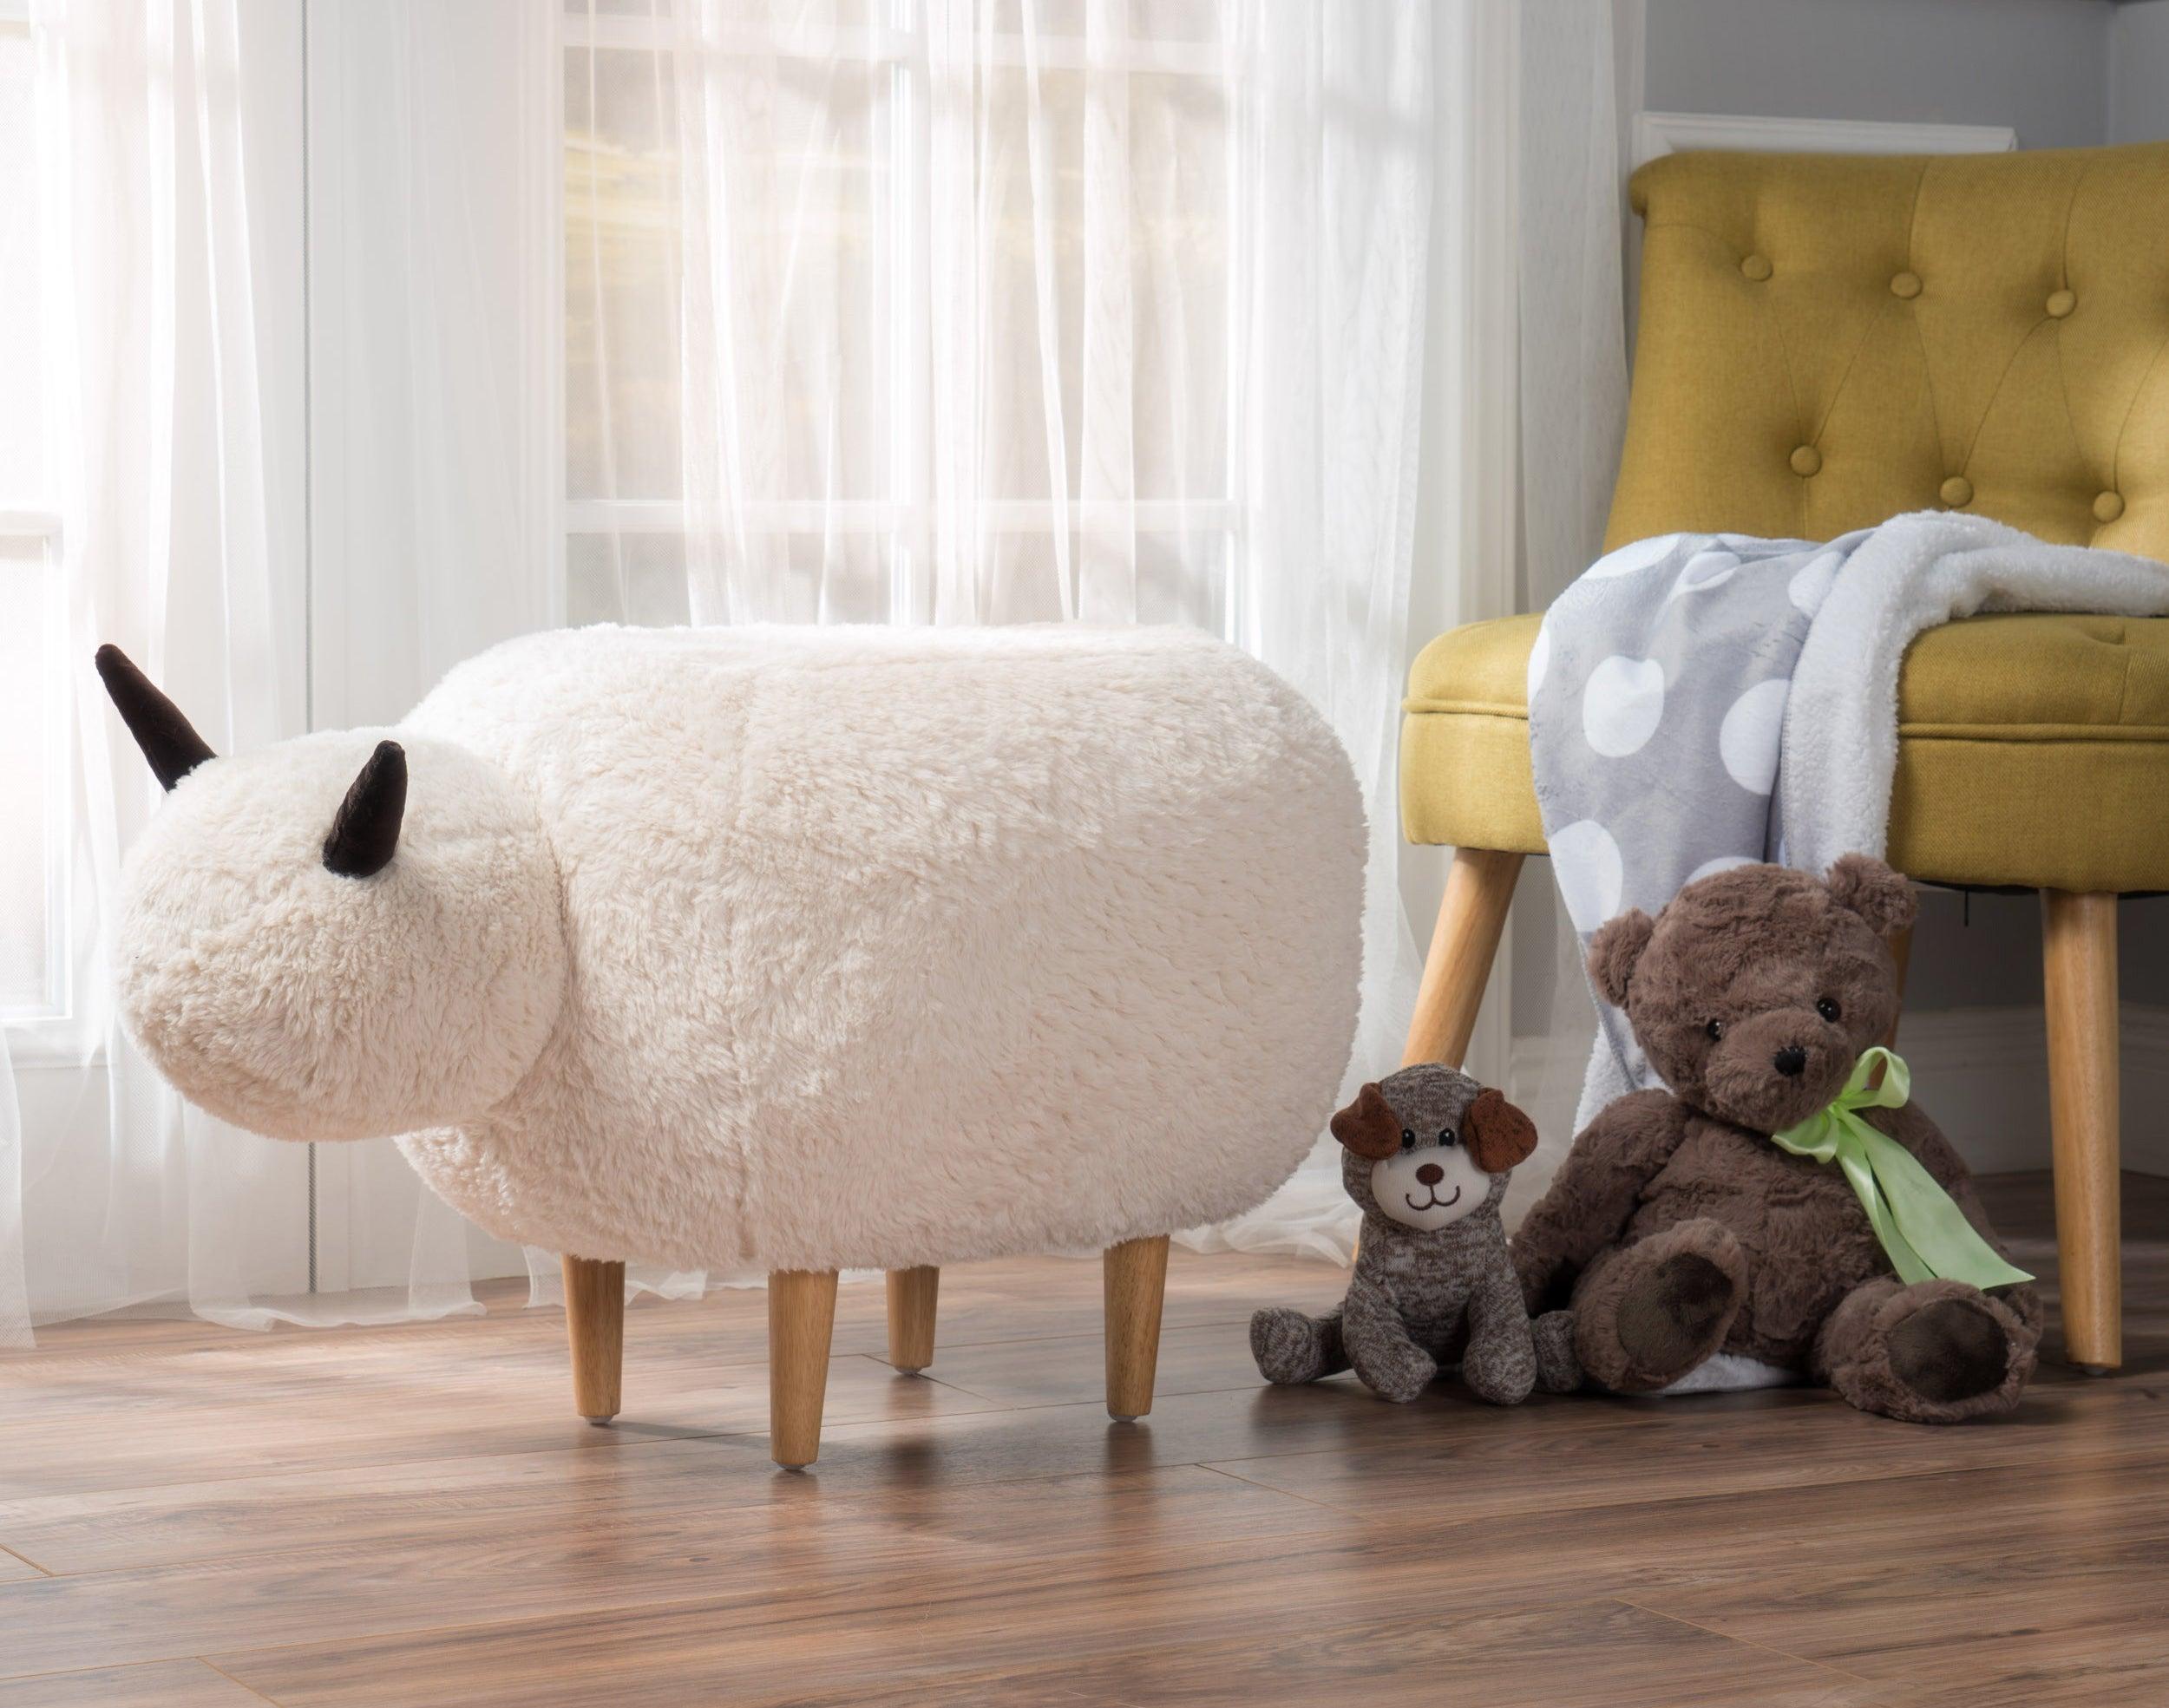 The sheep ottoman